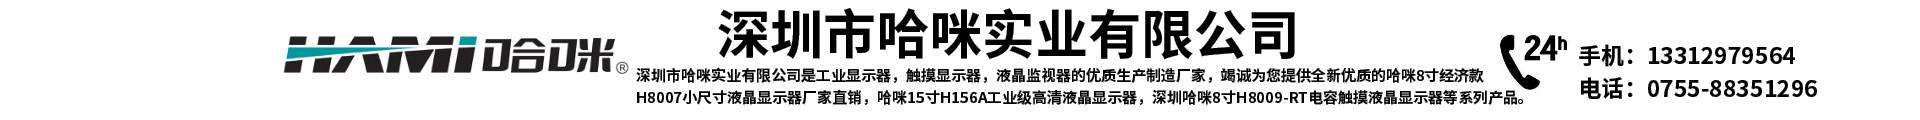 深圳市哈咪实业有限金祥彩票注册